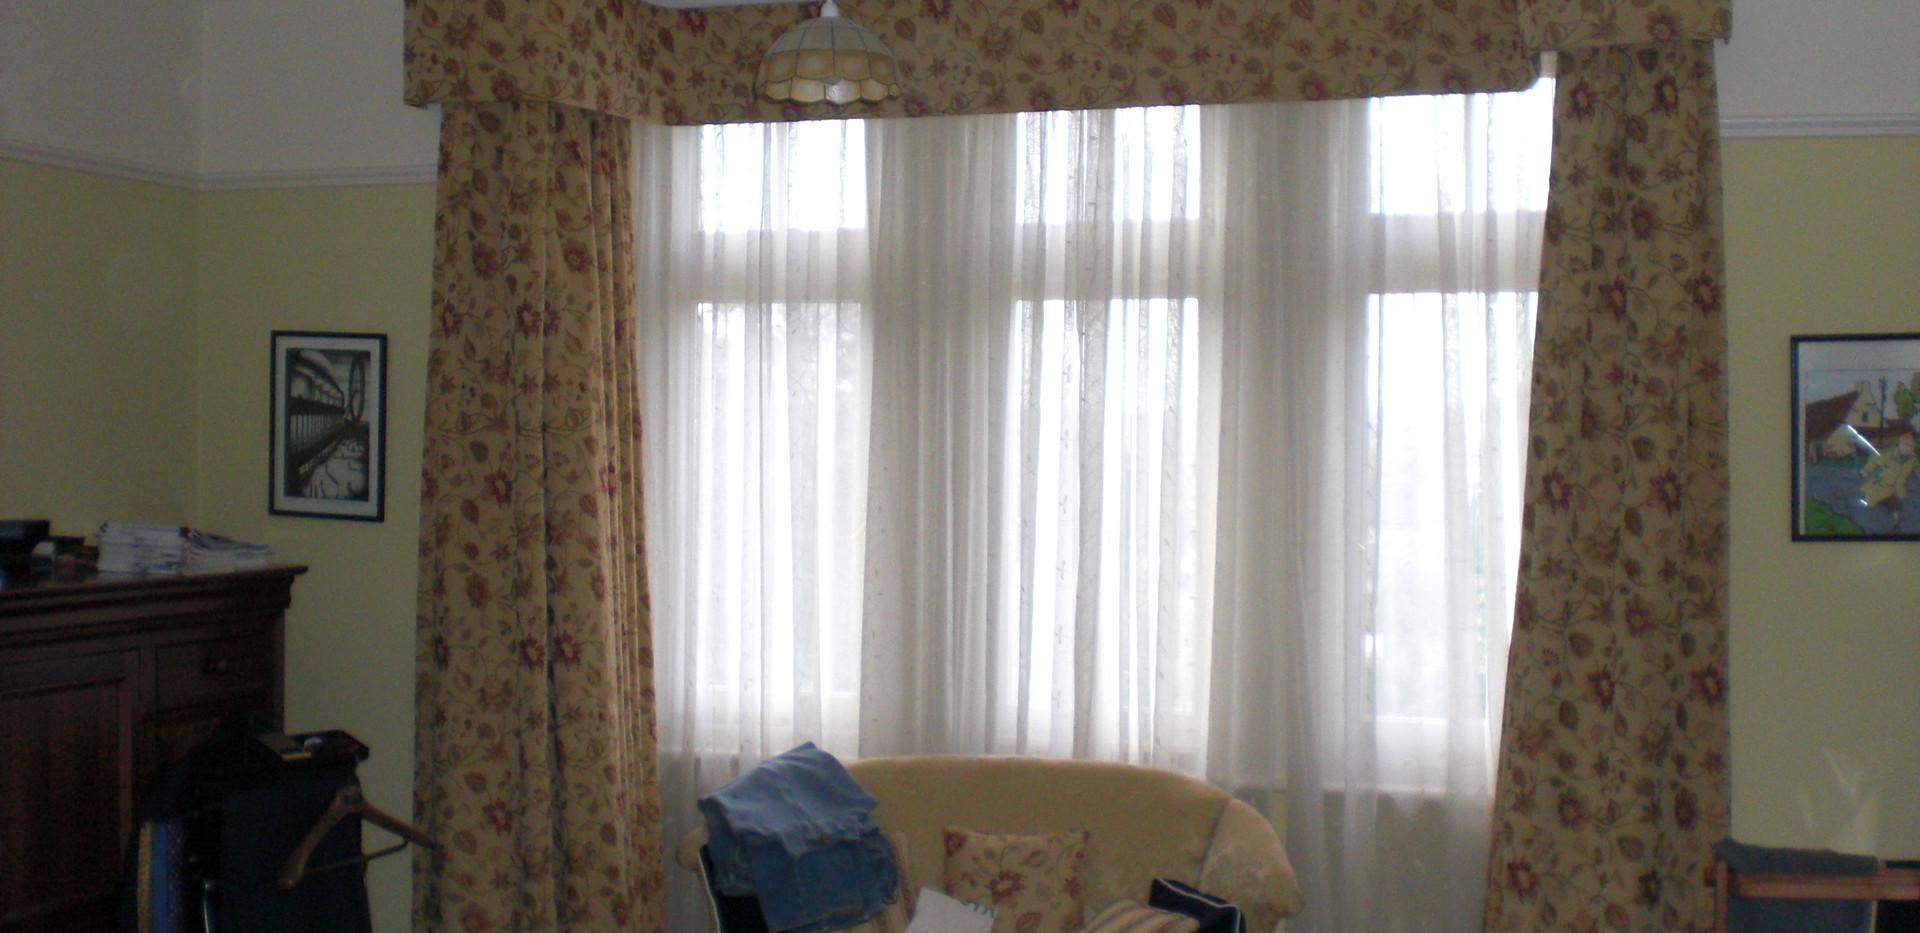 curtains 328.jpg